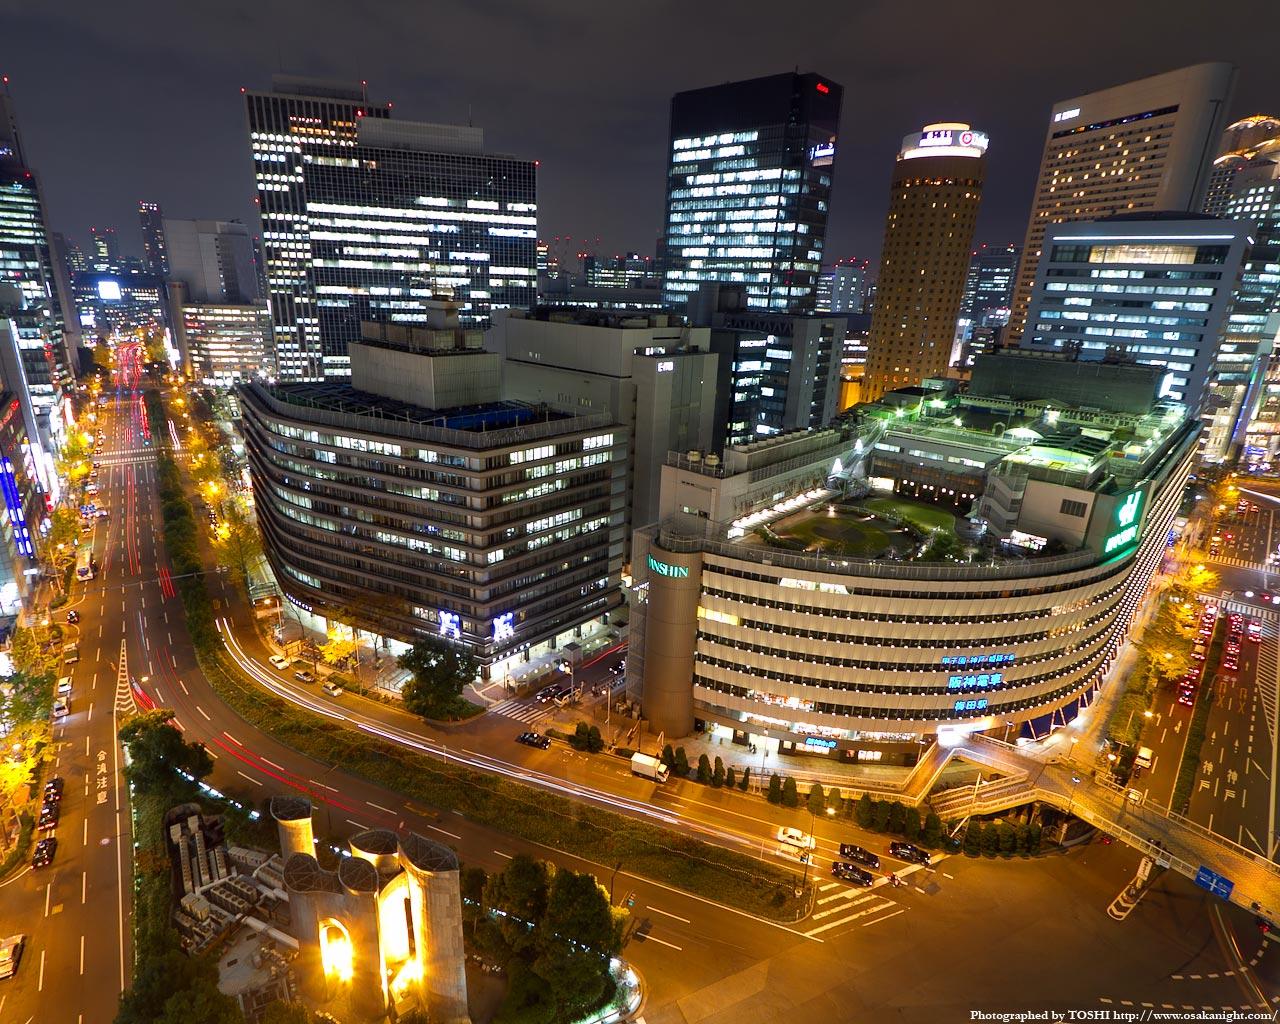 大阪駅前ダイヤモンド地区の俯瞰夜景1